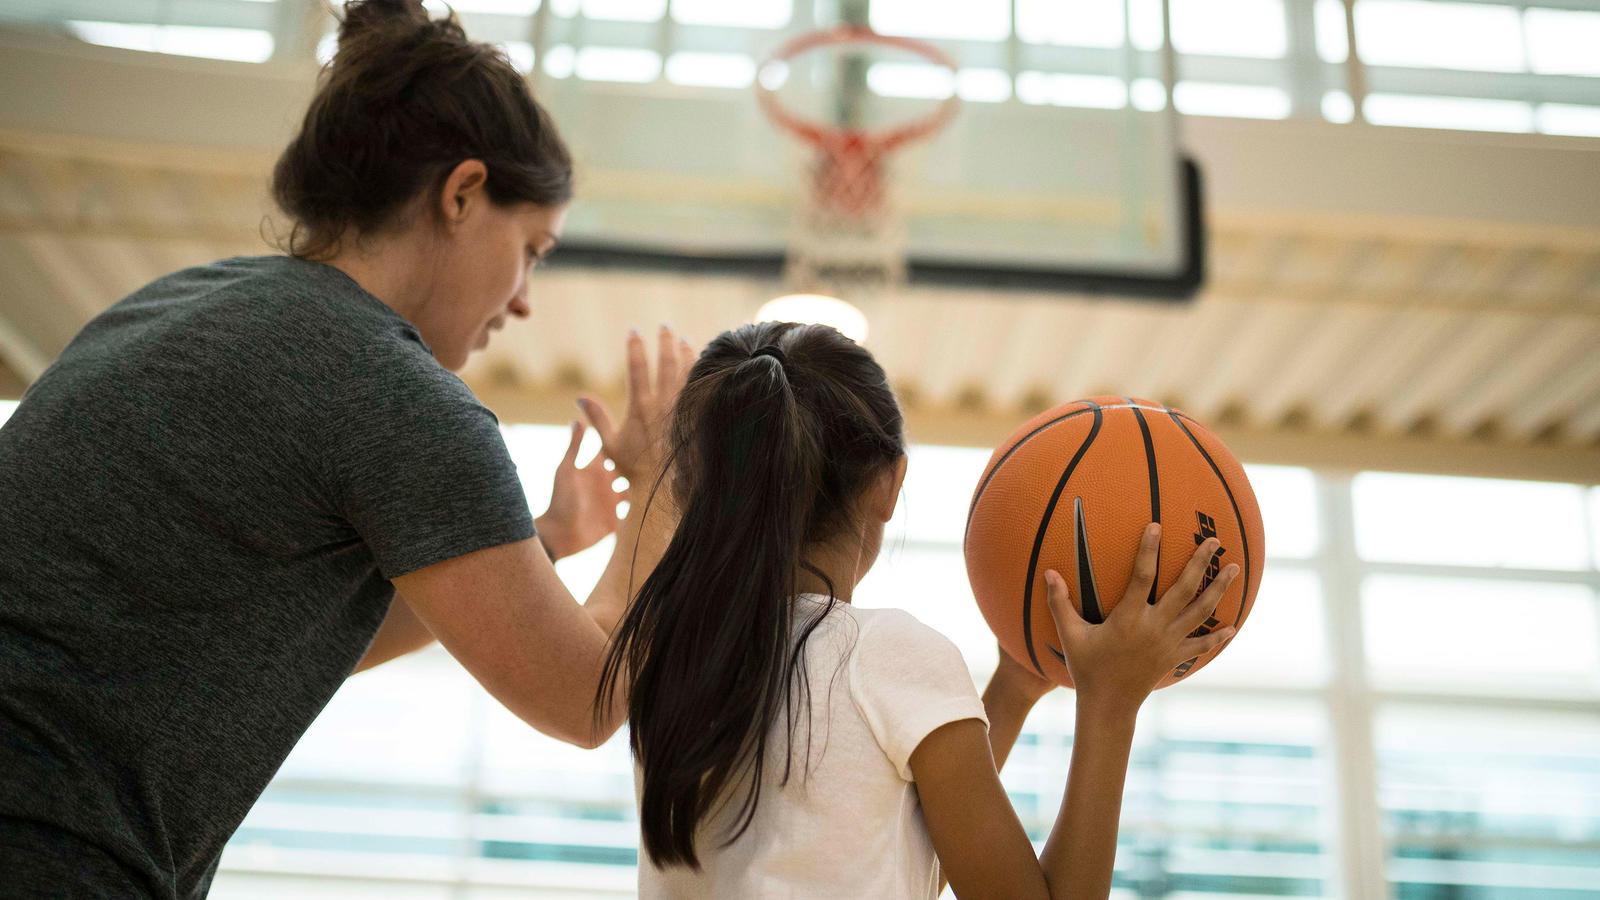 nike-how-to-coach-kids-app-coaching-girls